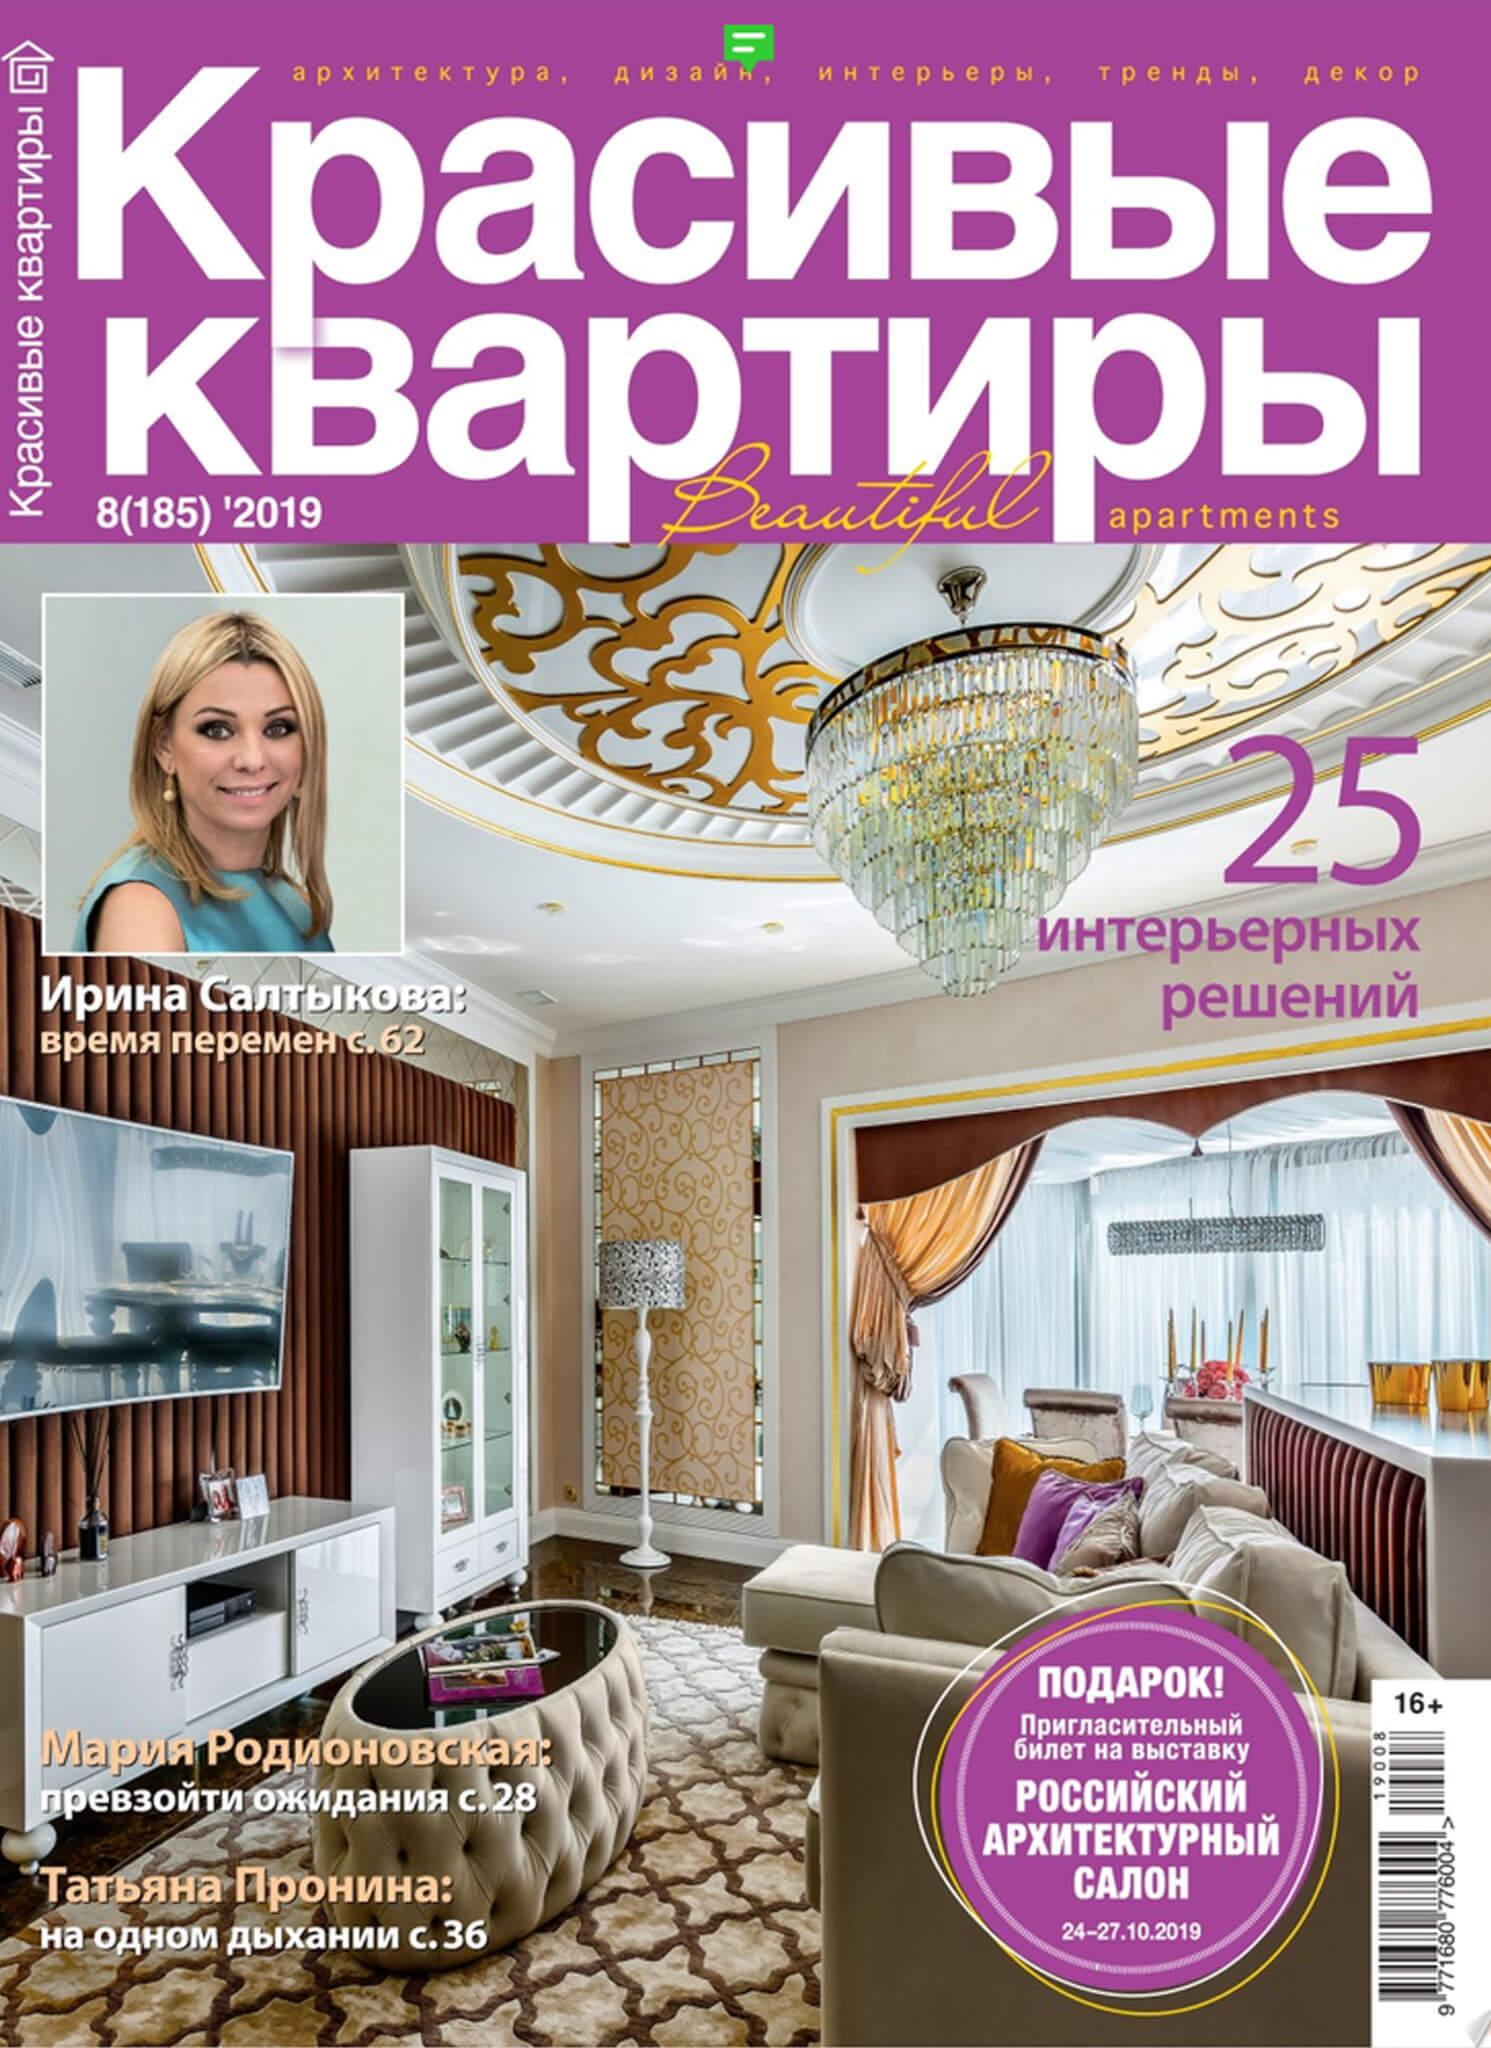 Обложка журнала Красивые квартиры